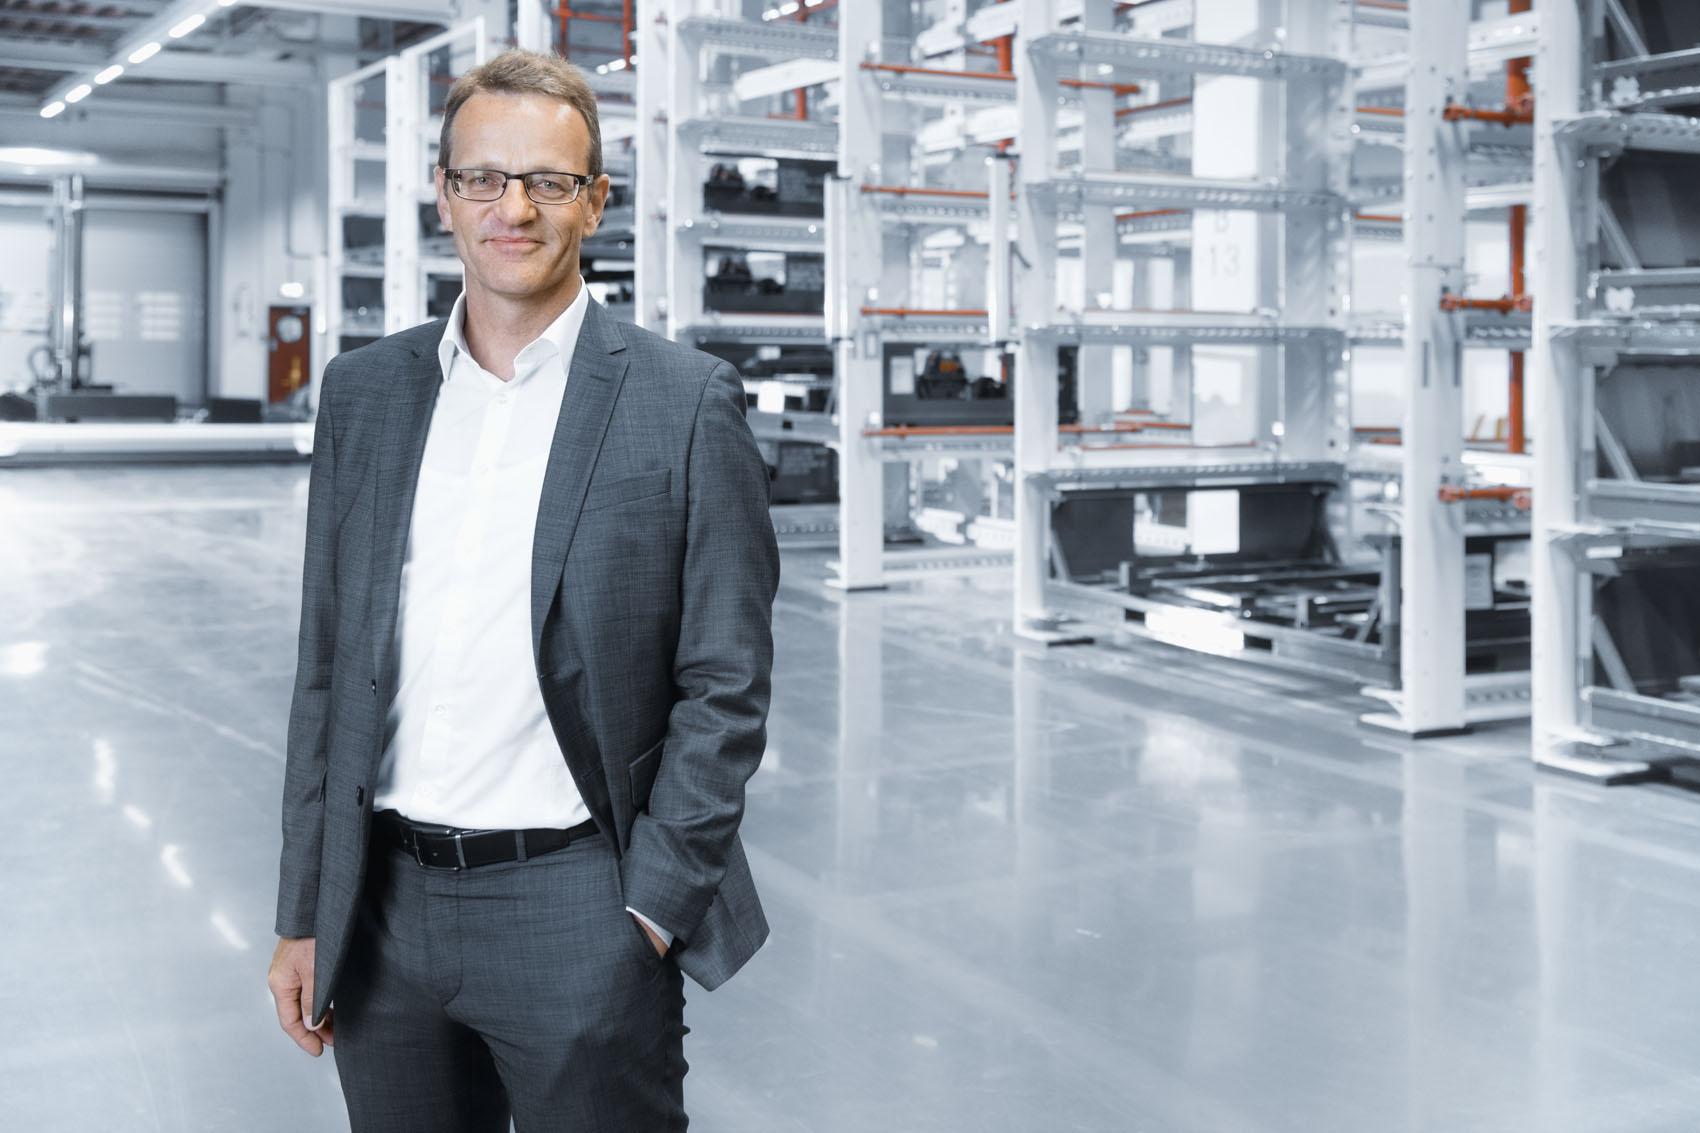 Projekt-Chef Bertram Günter und sein Team haben die Produktion des Audi e-tron komplett neu konzipiert. (Stefan Warter)